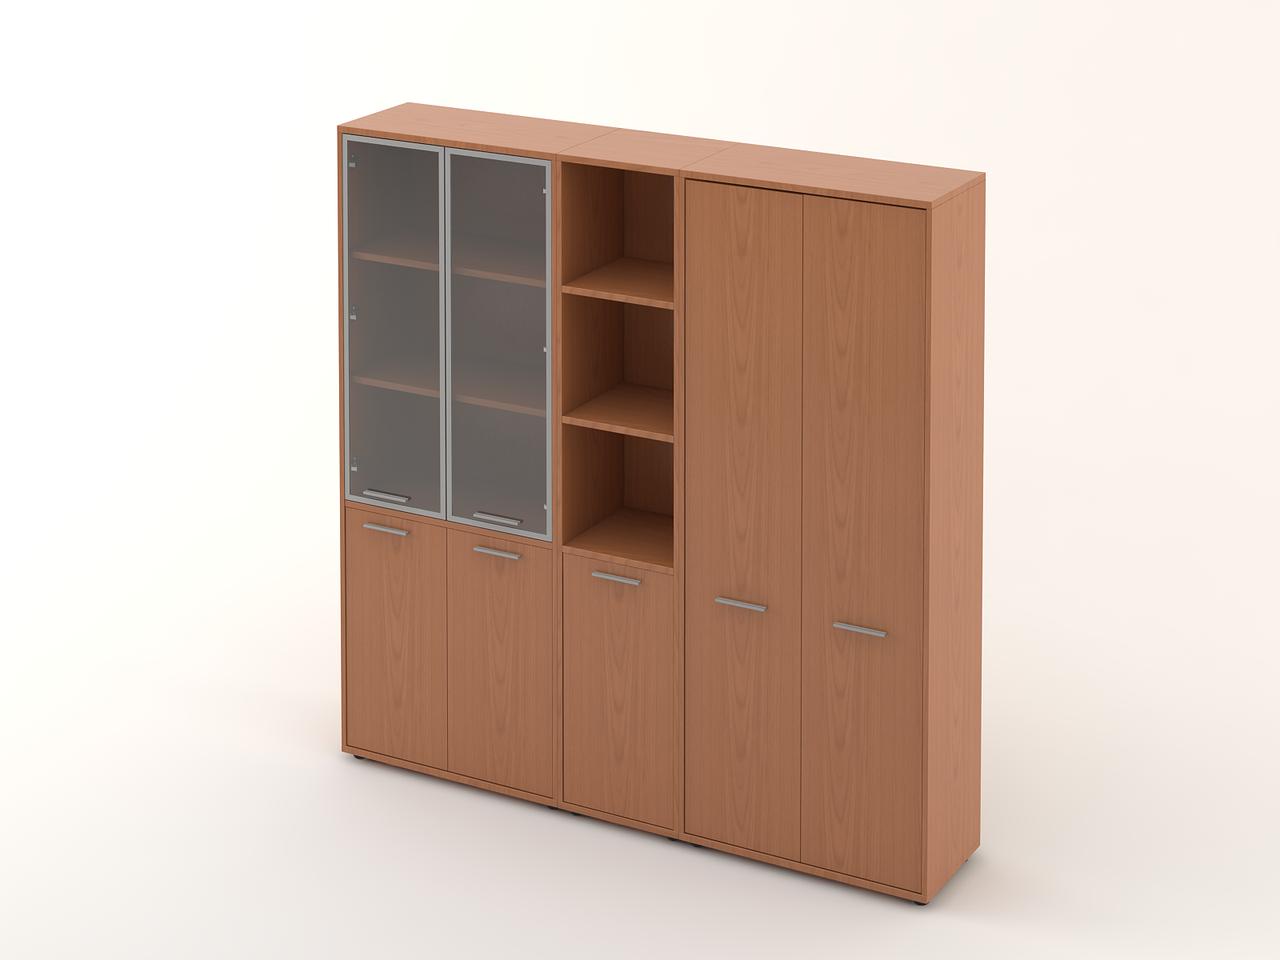 Комплект мебели для персонала серии Техно плюс композиция №16 ТМ MConcept